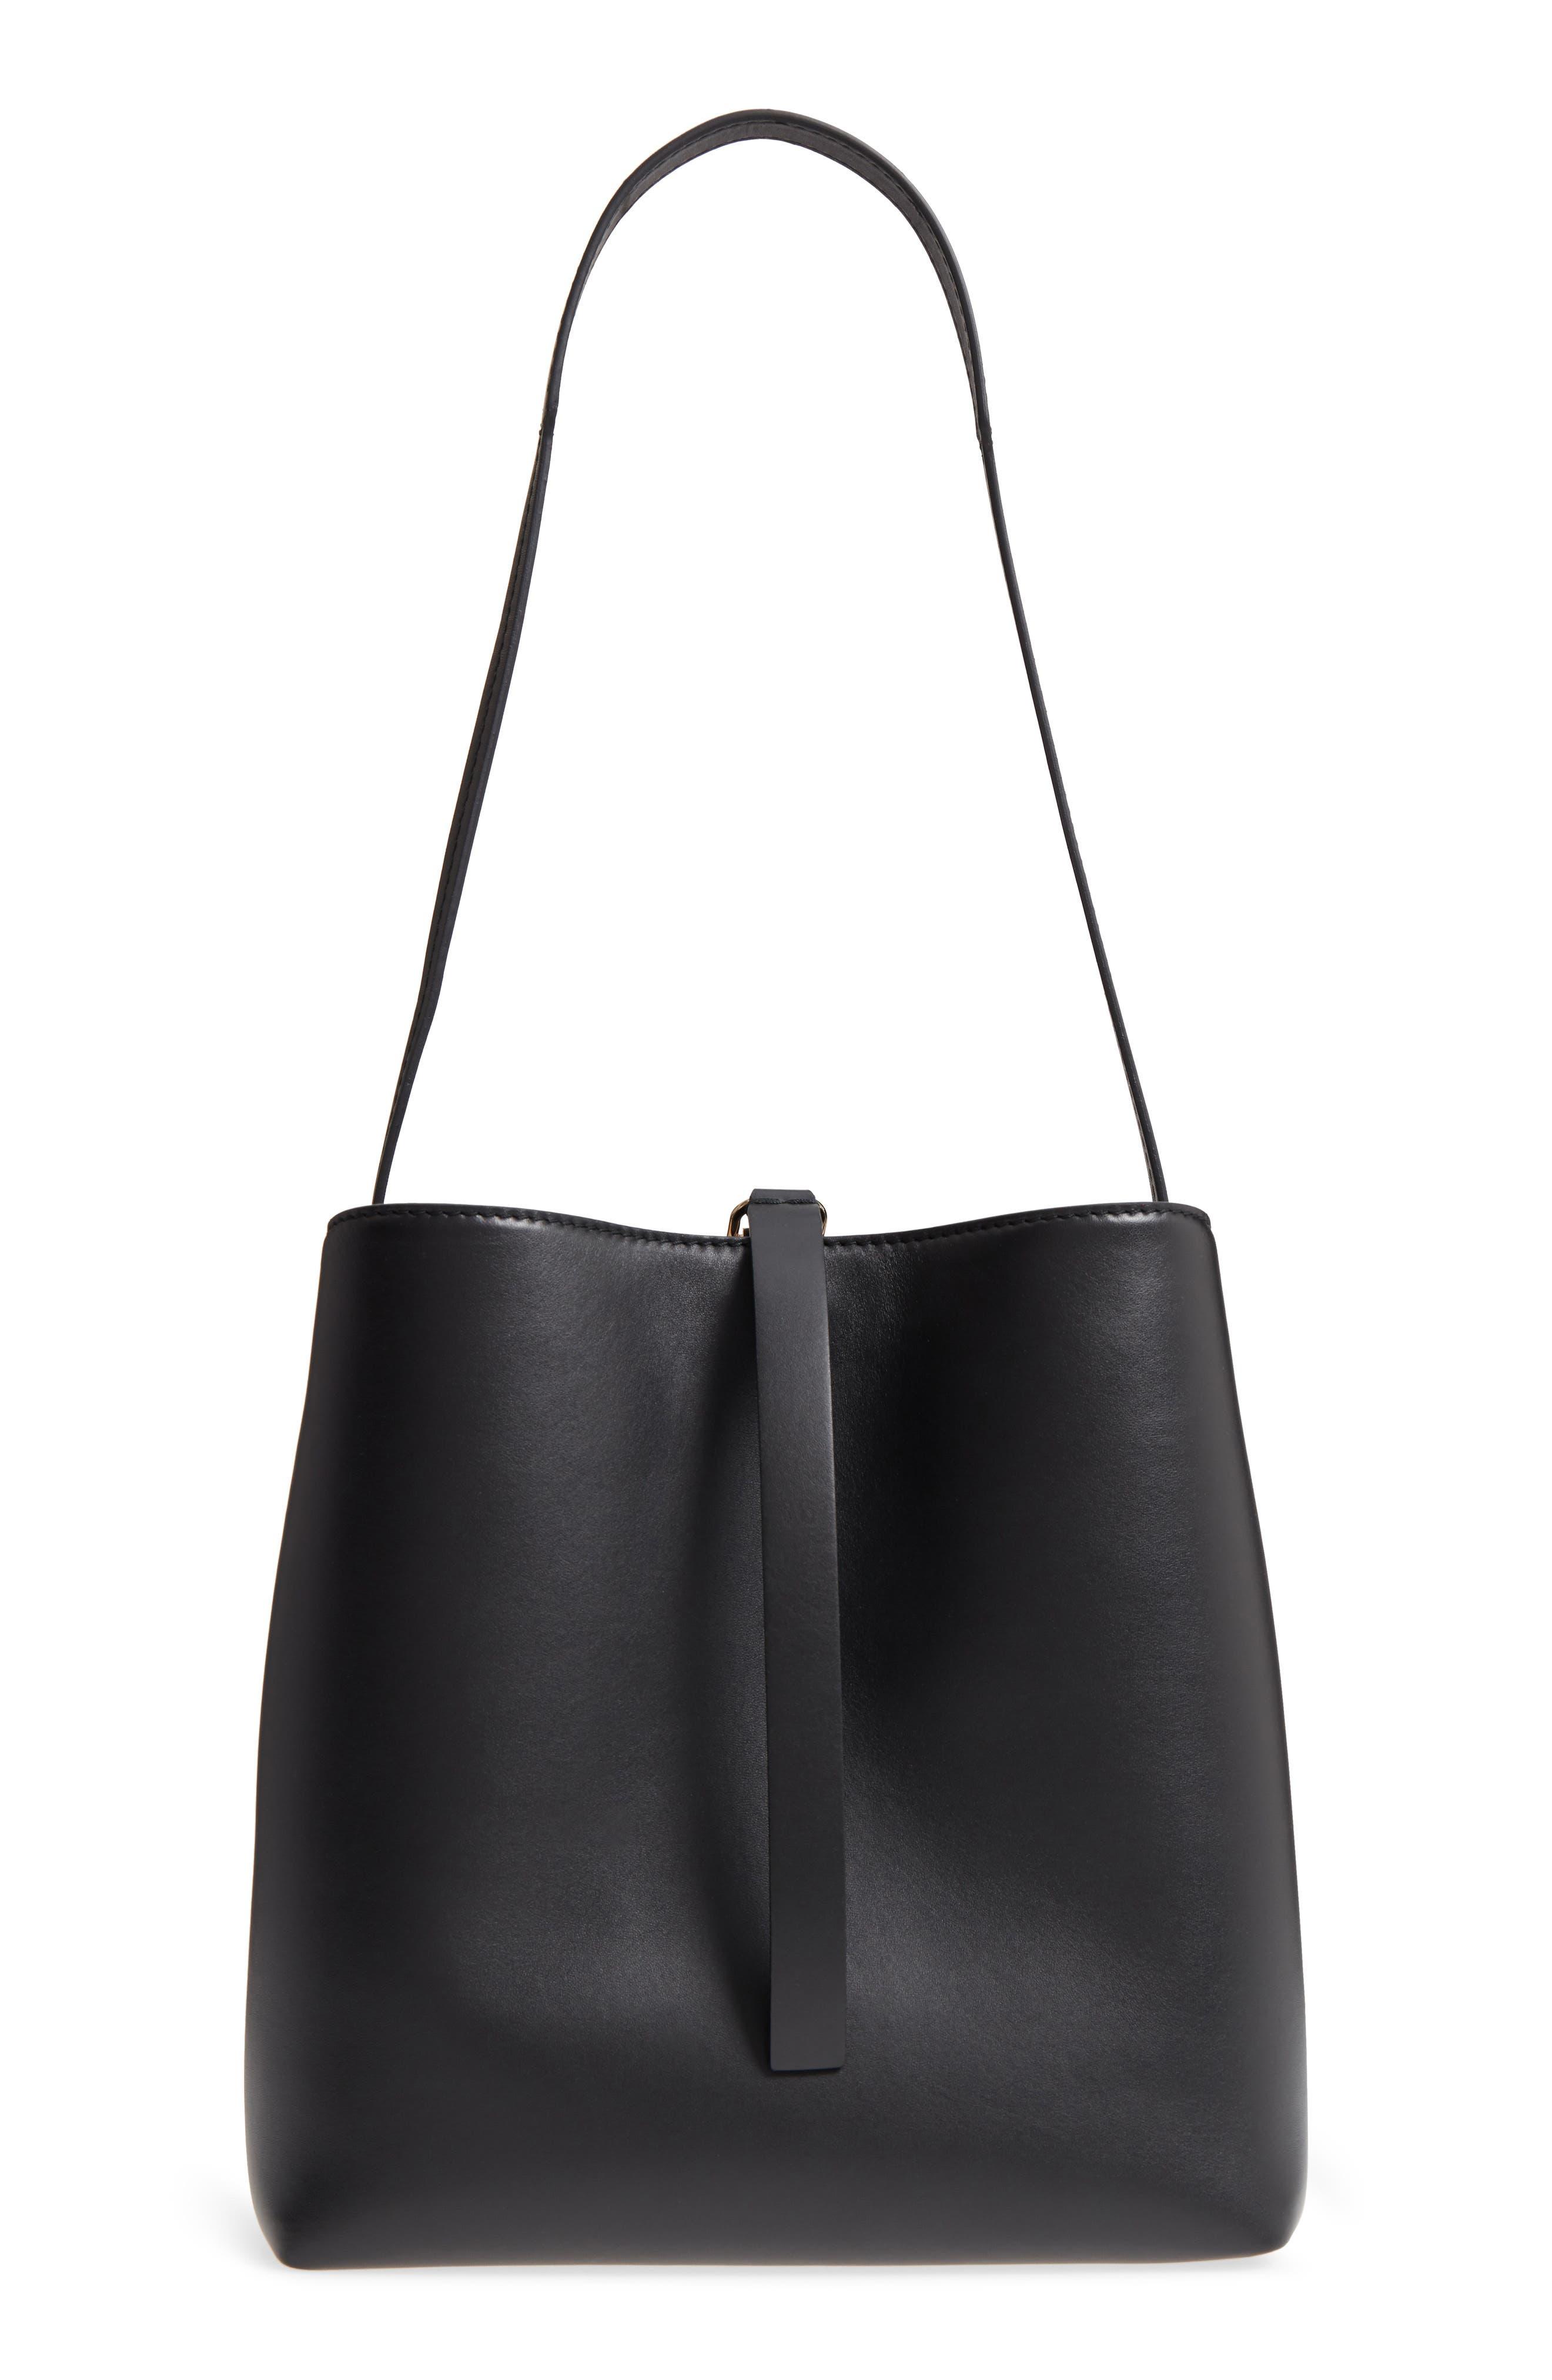 Frame Leather Shoulder Bag,                             Main thumbnail 1, color,                             BLACK/ BLACK